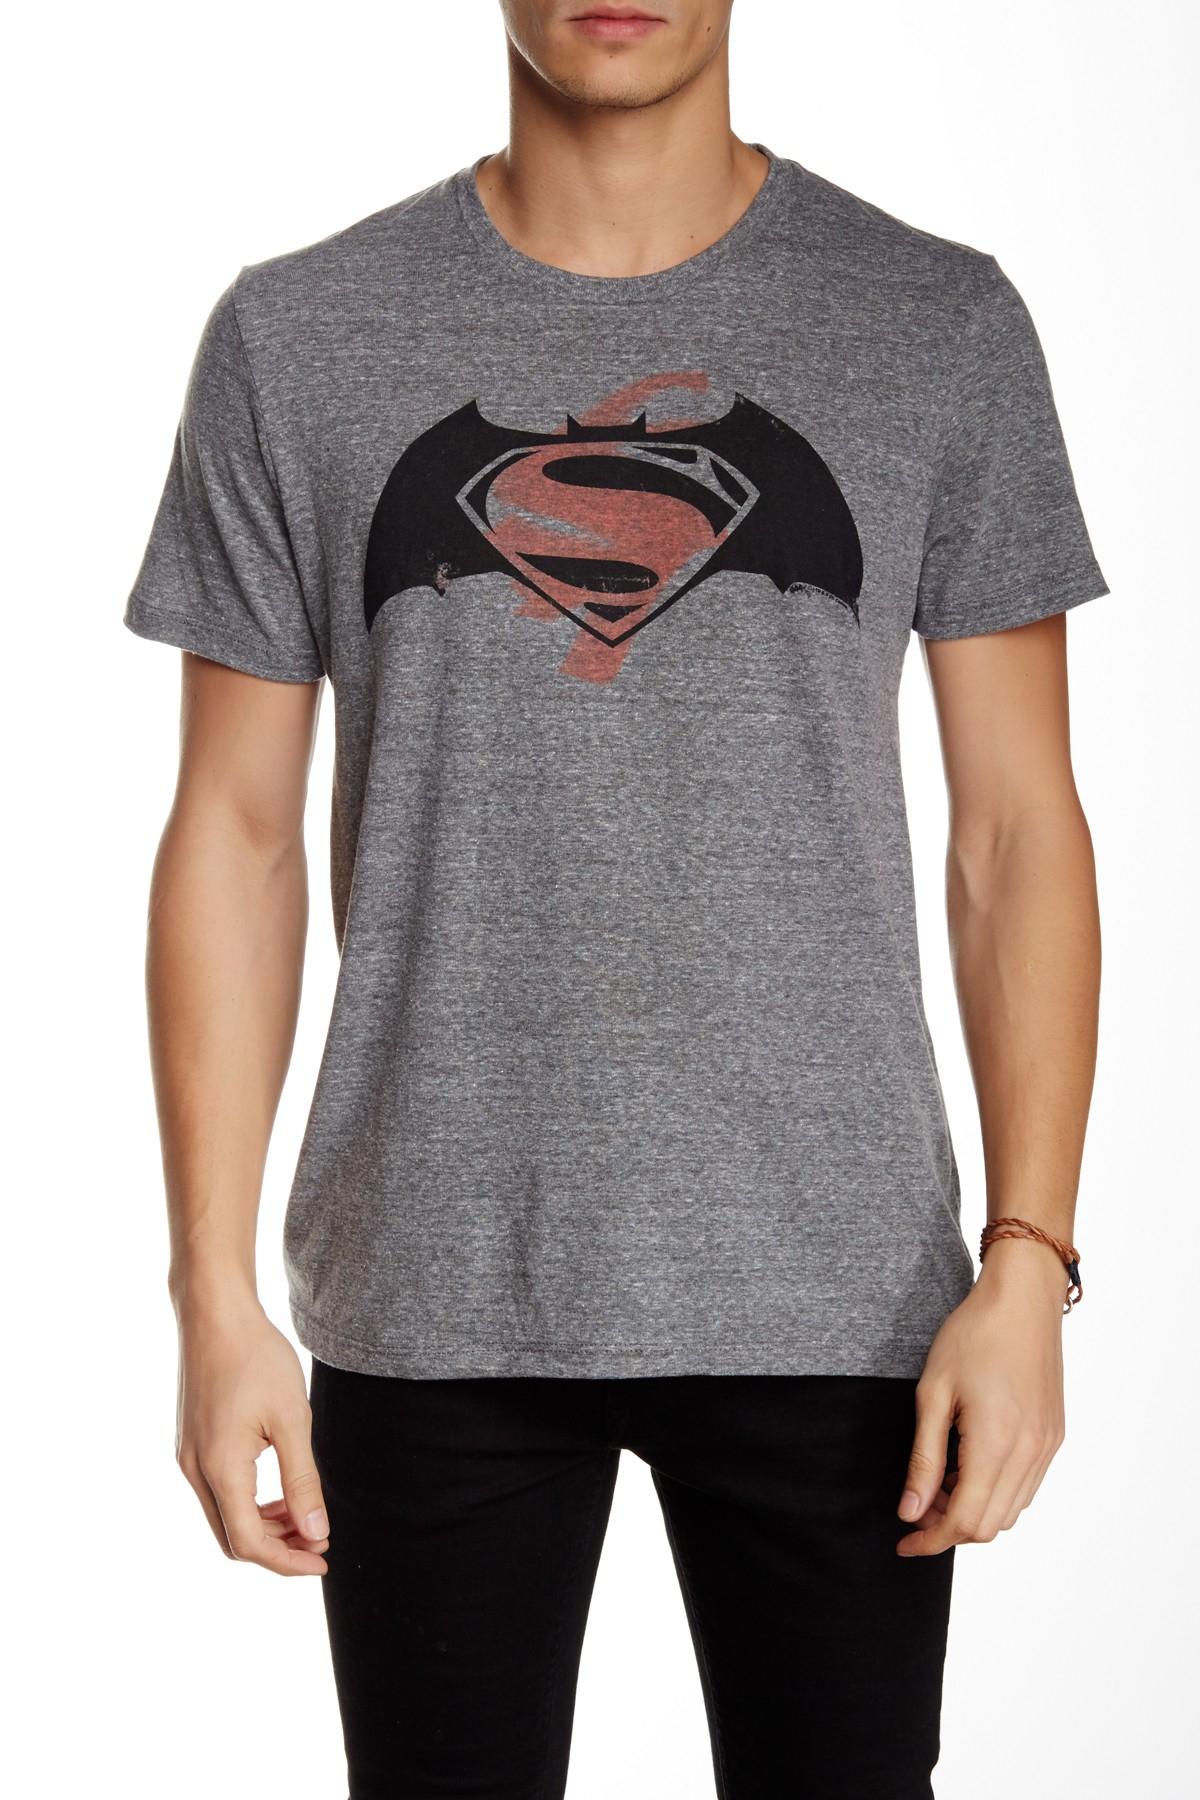 Junk Food Batman Vs Superman Tee